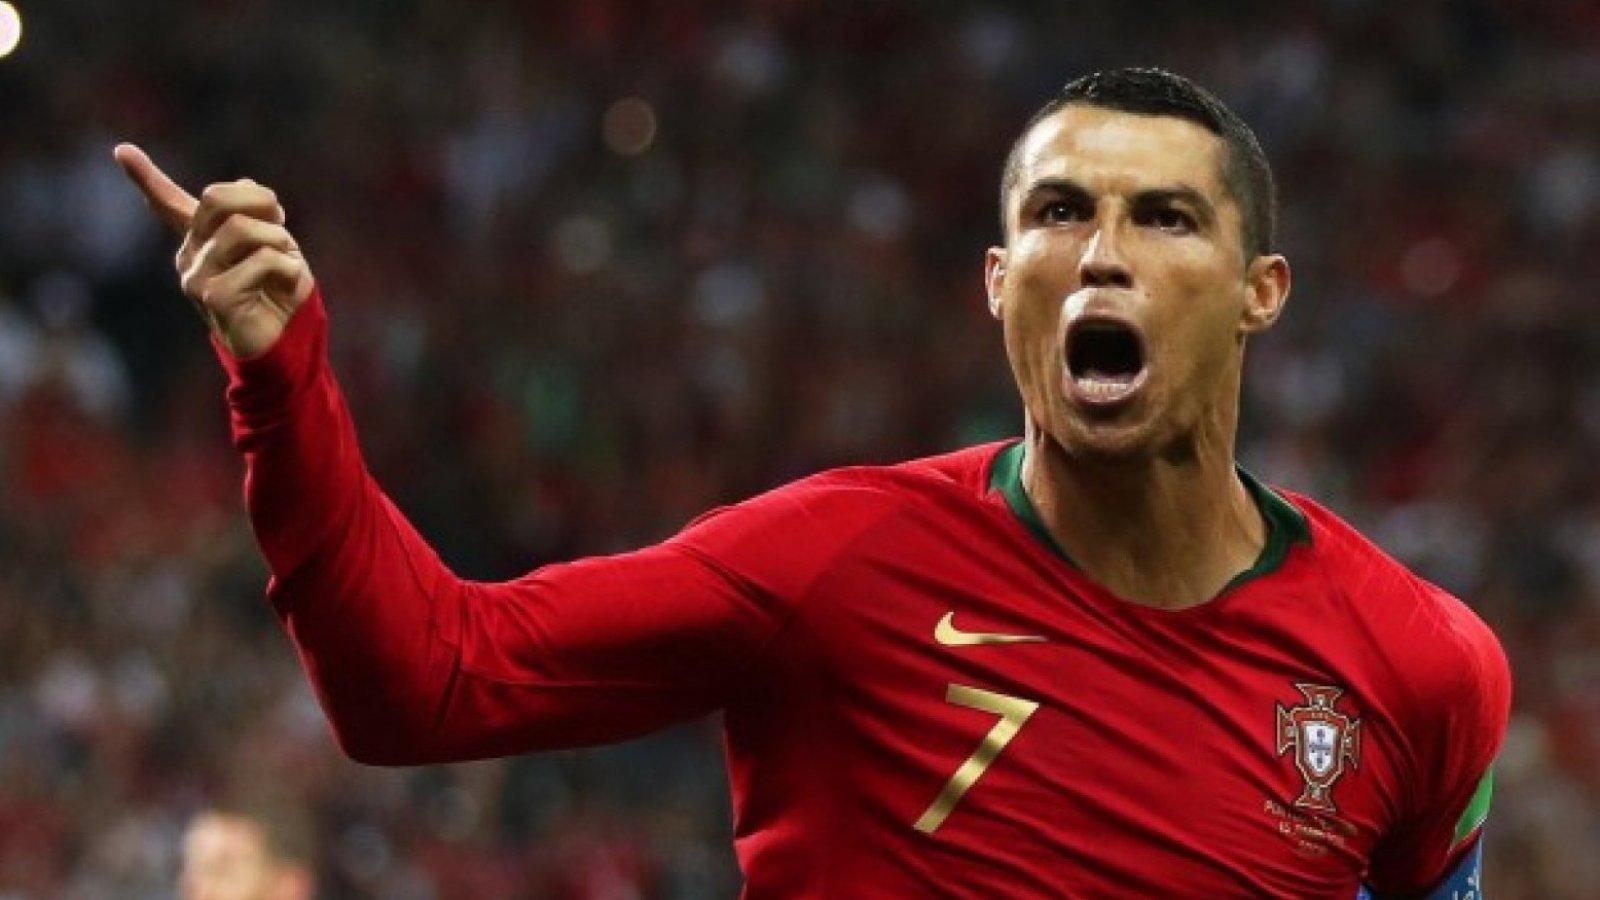 El portugués se considera uno de los mejores jugadores, y de los más sexys.